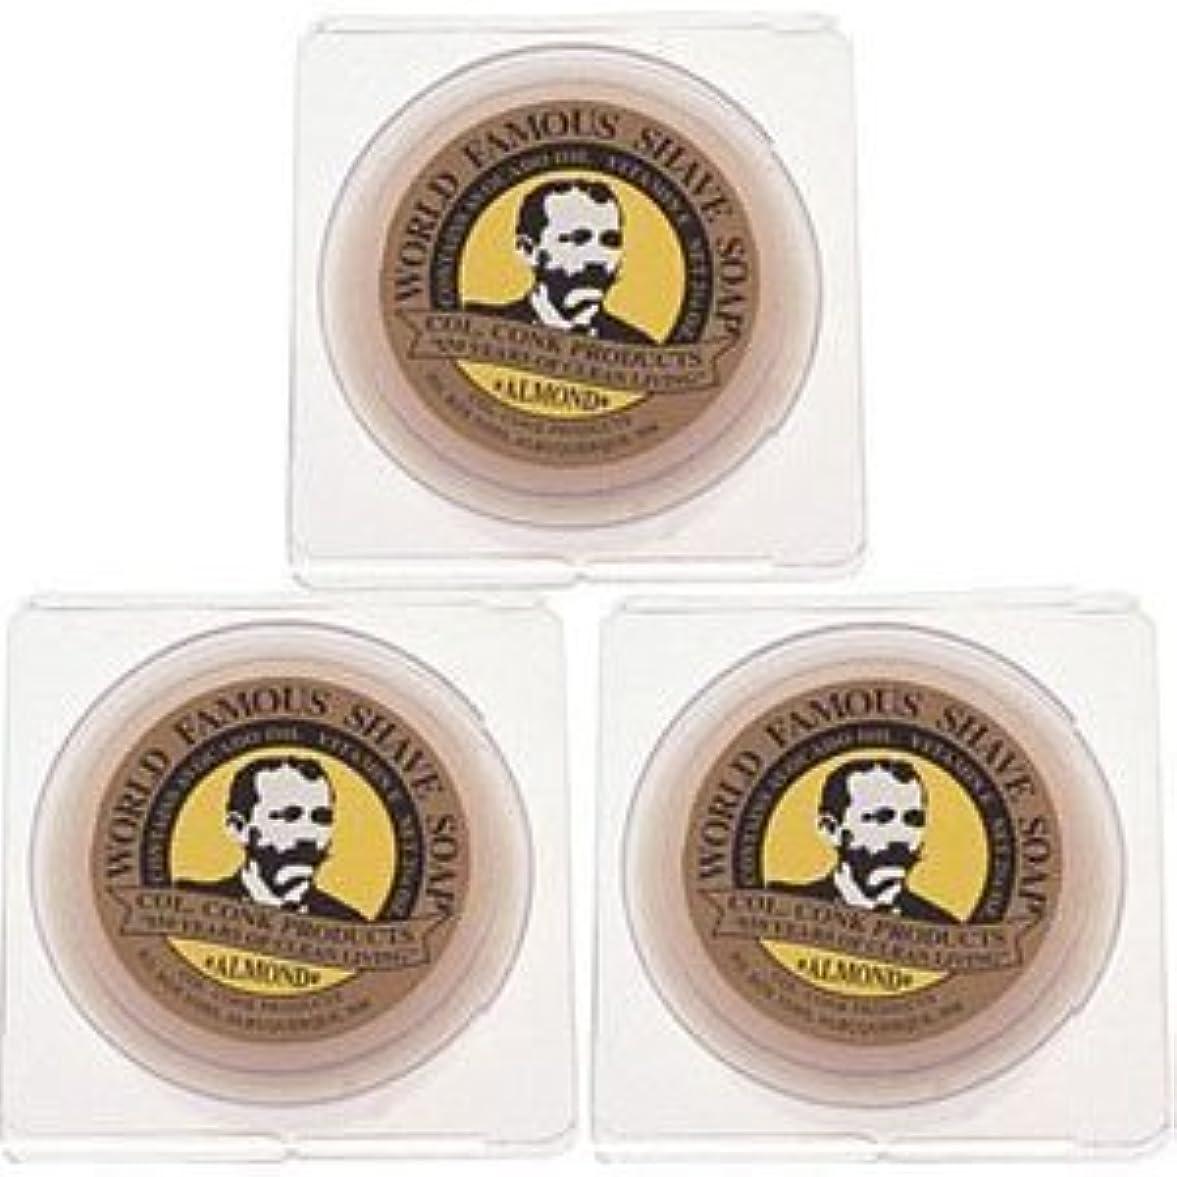 推進負を必要としていますCol. Conk World's Famous Shaving Soap Almond * 3 - Pack * Each Net Weight 2.25 Oz by Colonel Conk [並行輸入品]